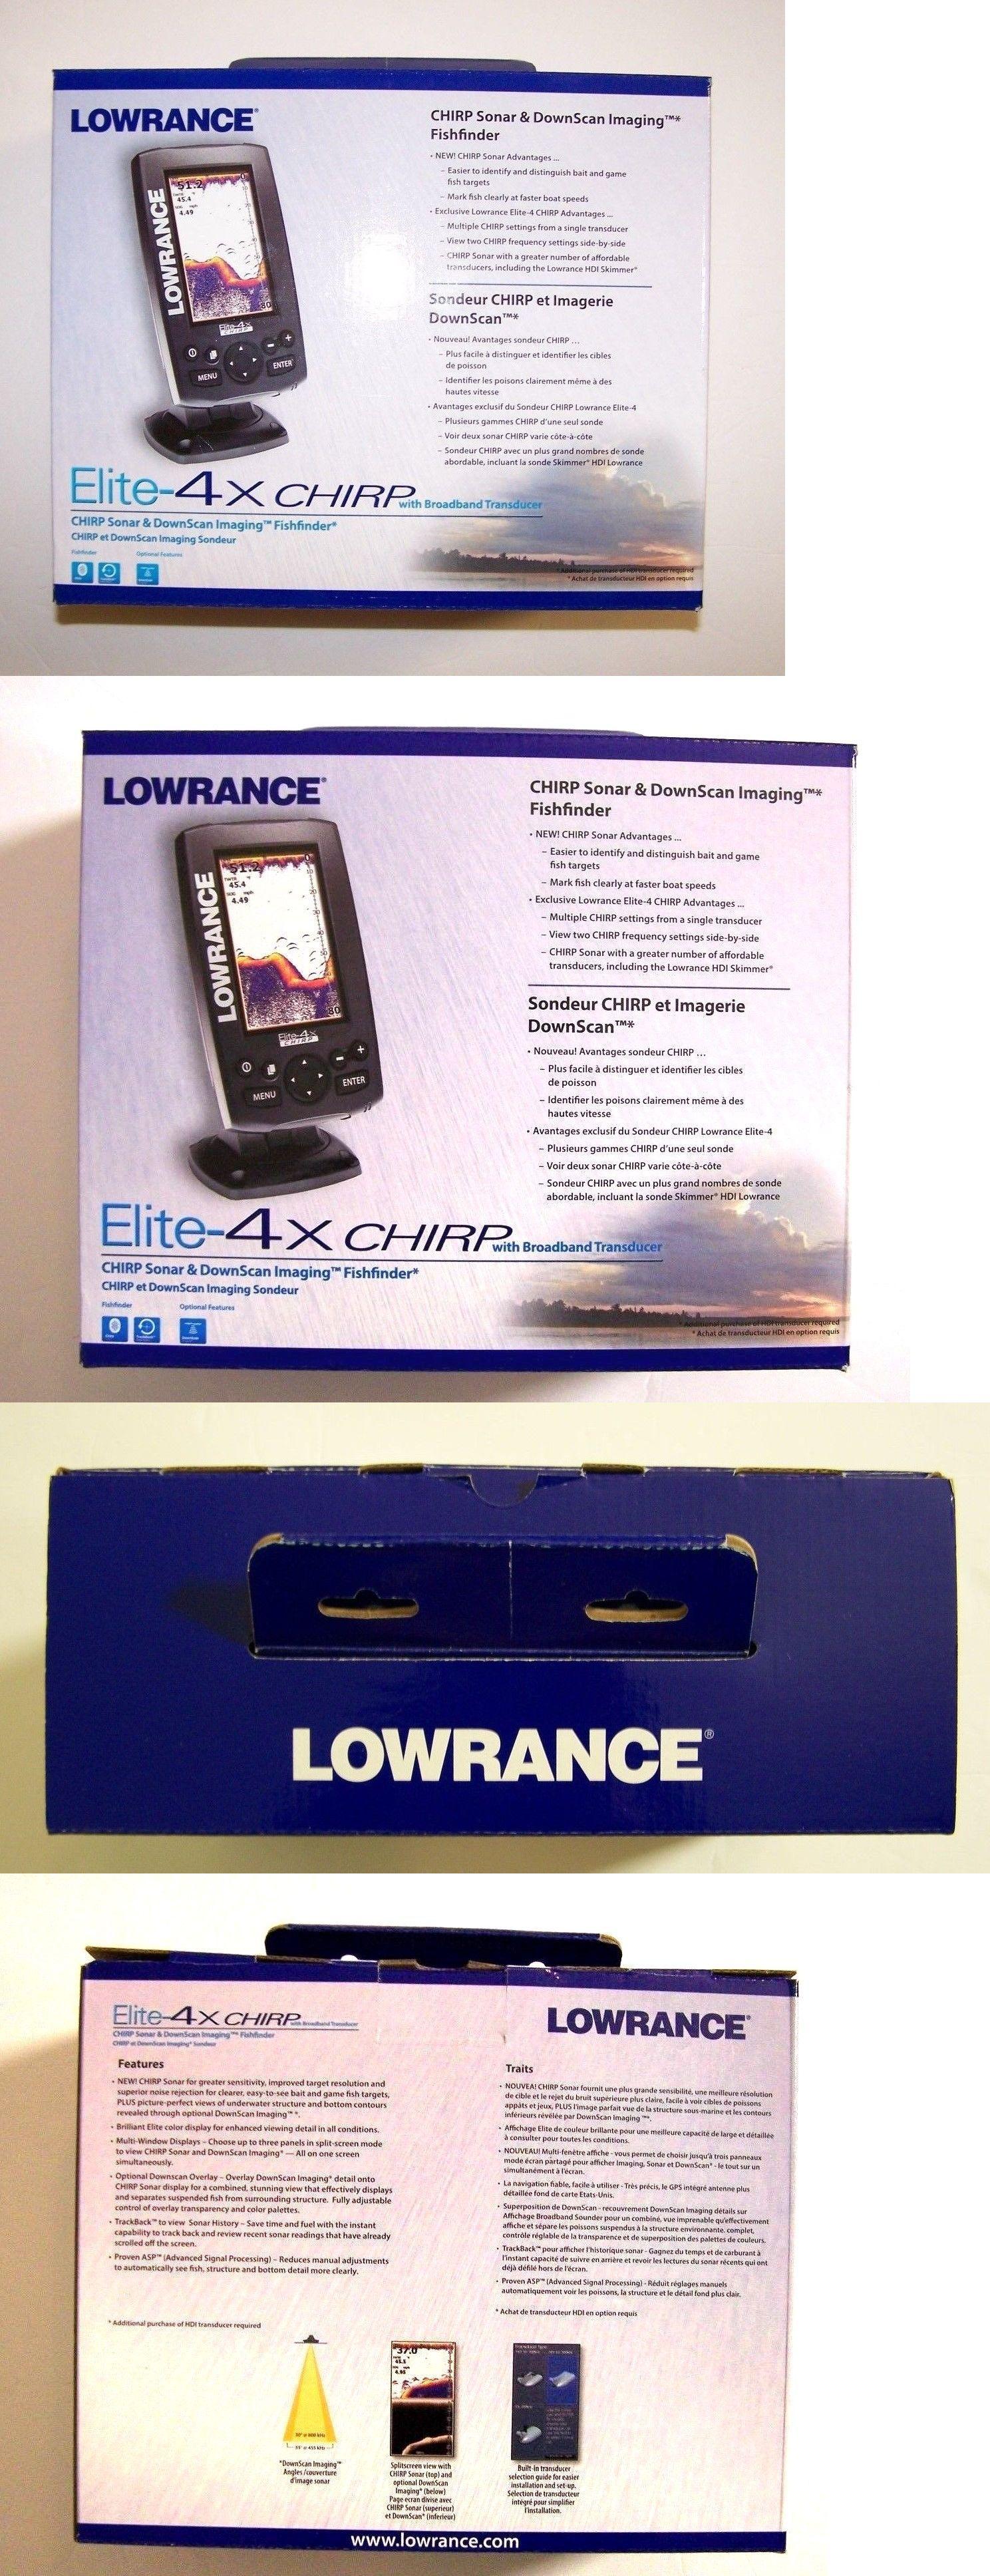 Fishfinders 29723: Lowrance Elite-4X Chirp Sonar Downscan Imaging